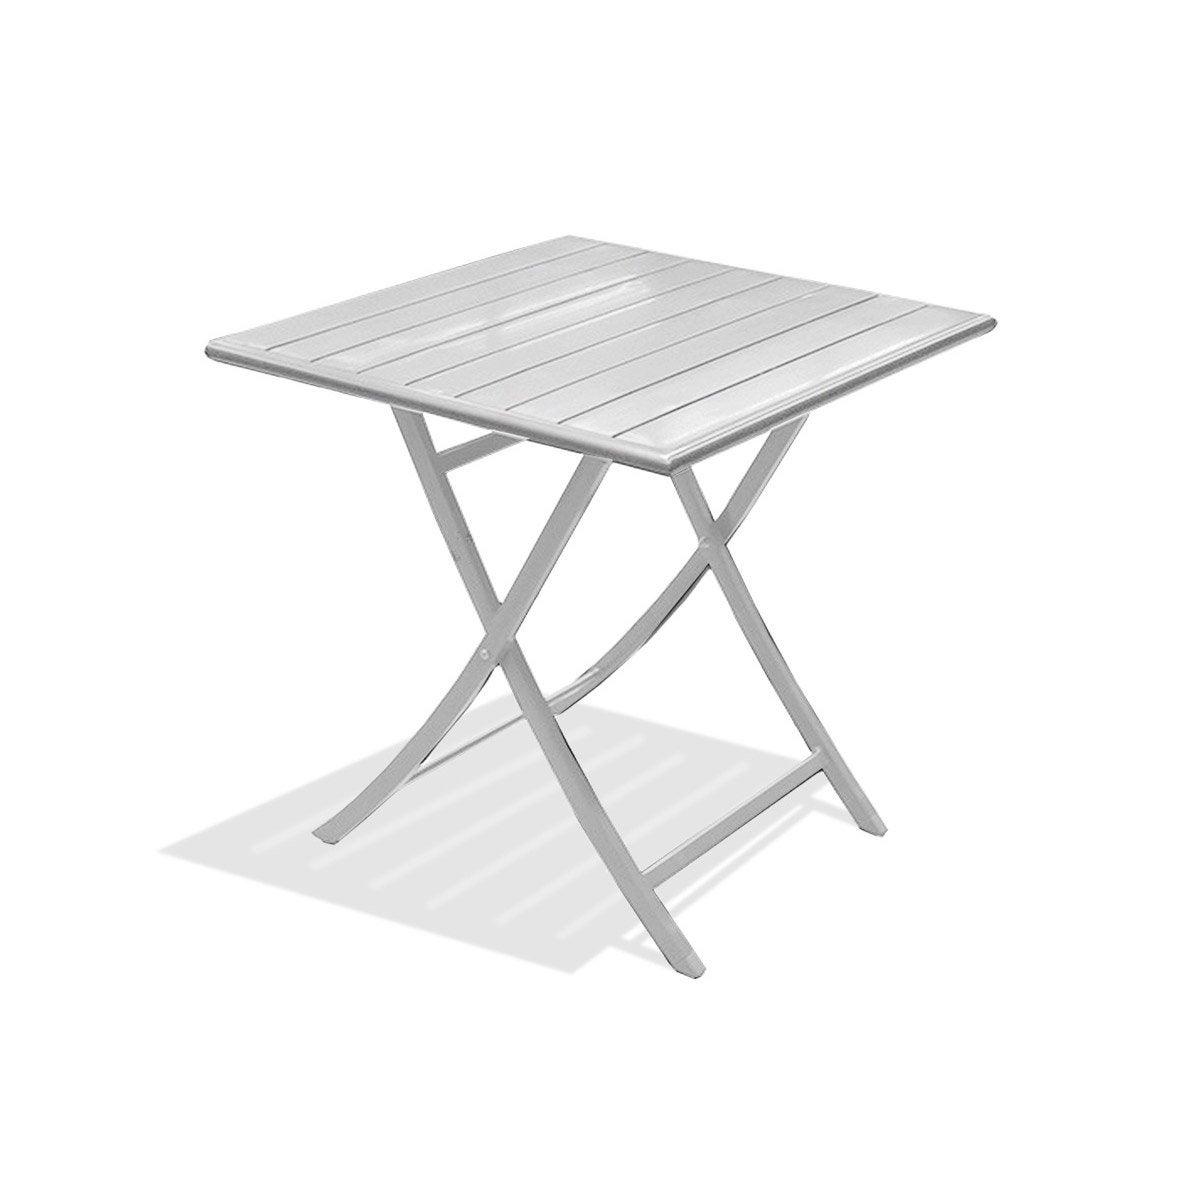 Table de jardin Marius carrée gris métal 2 personnes | Leroy Merlin